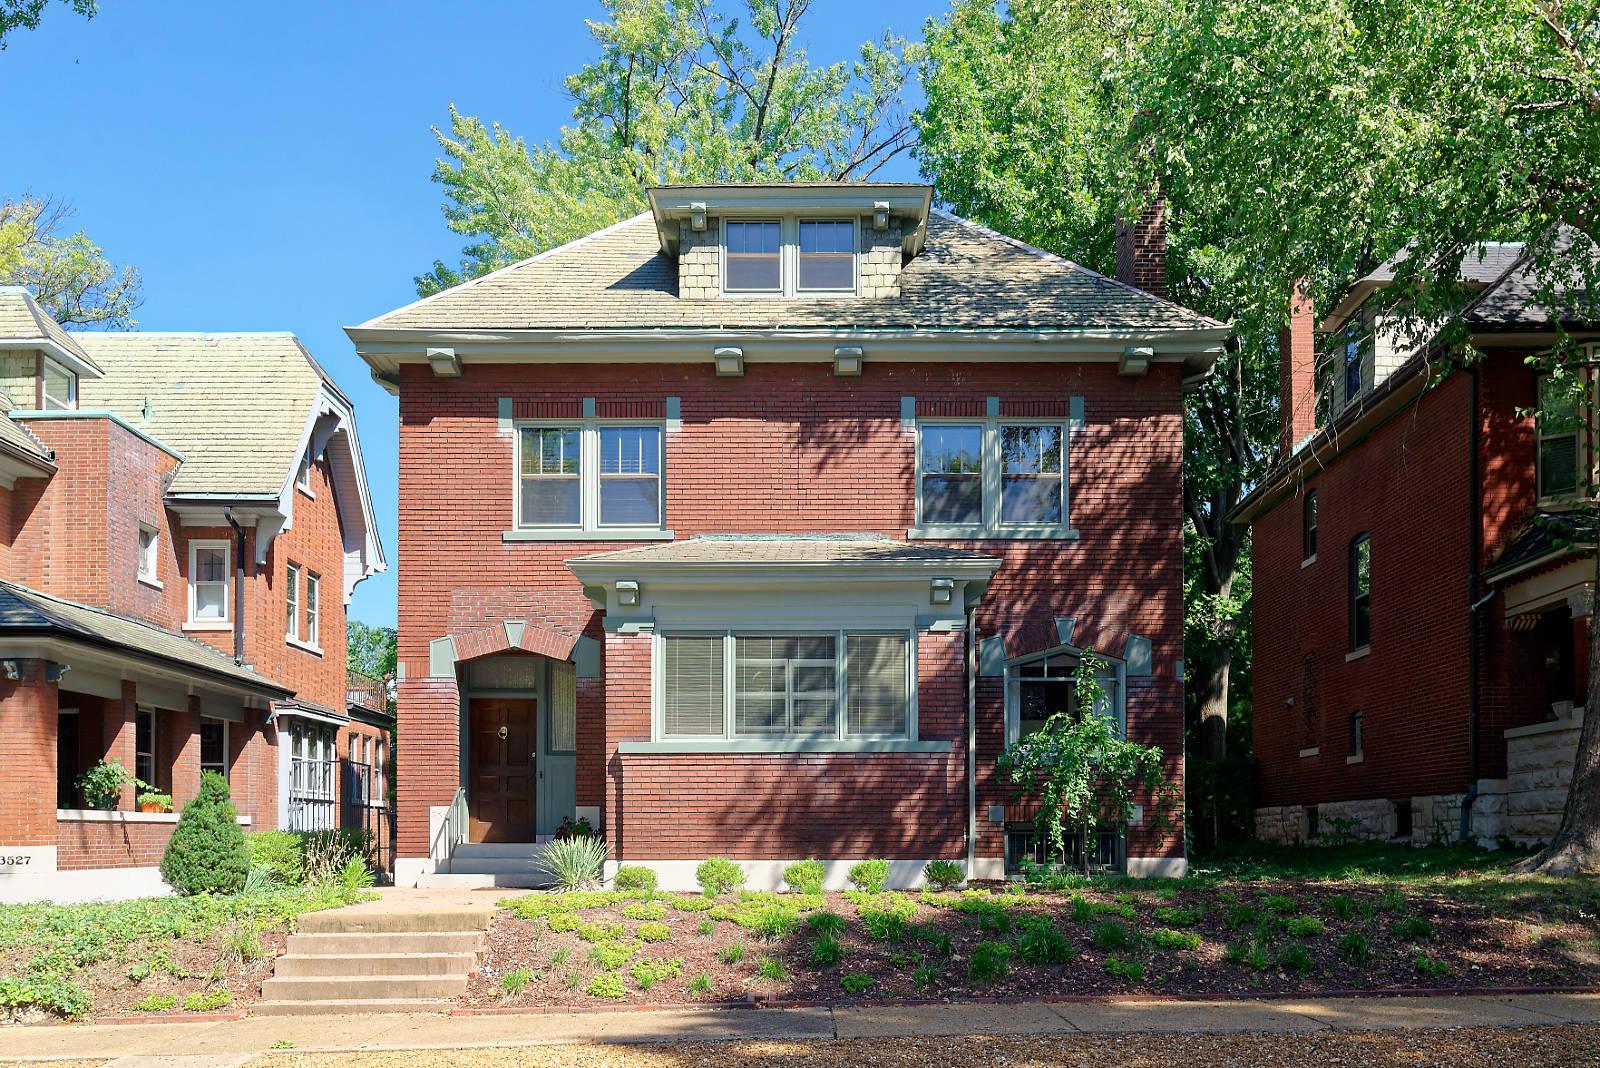 3525 Crittenden St, St Louis 63118-1107